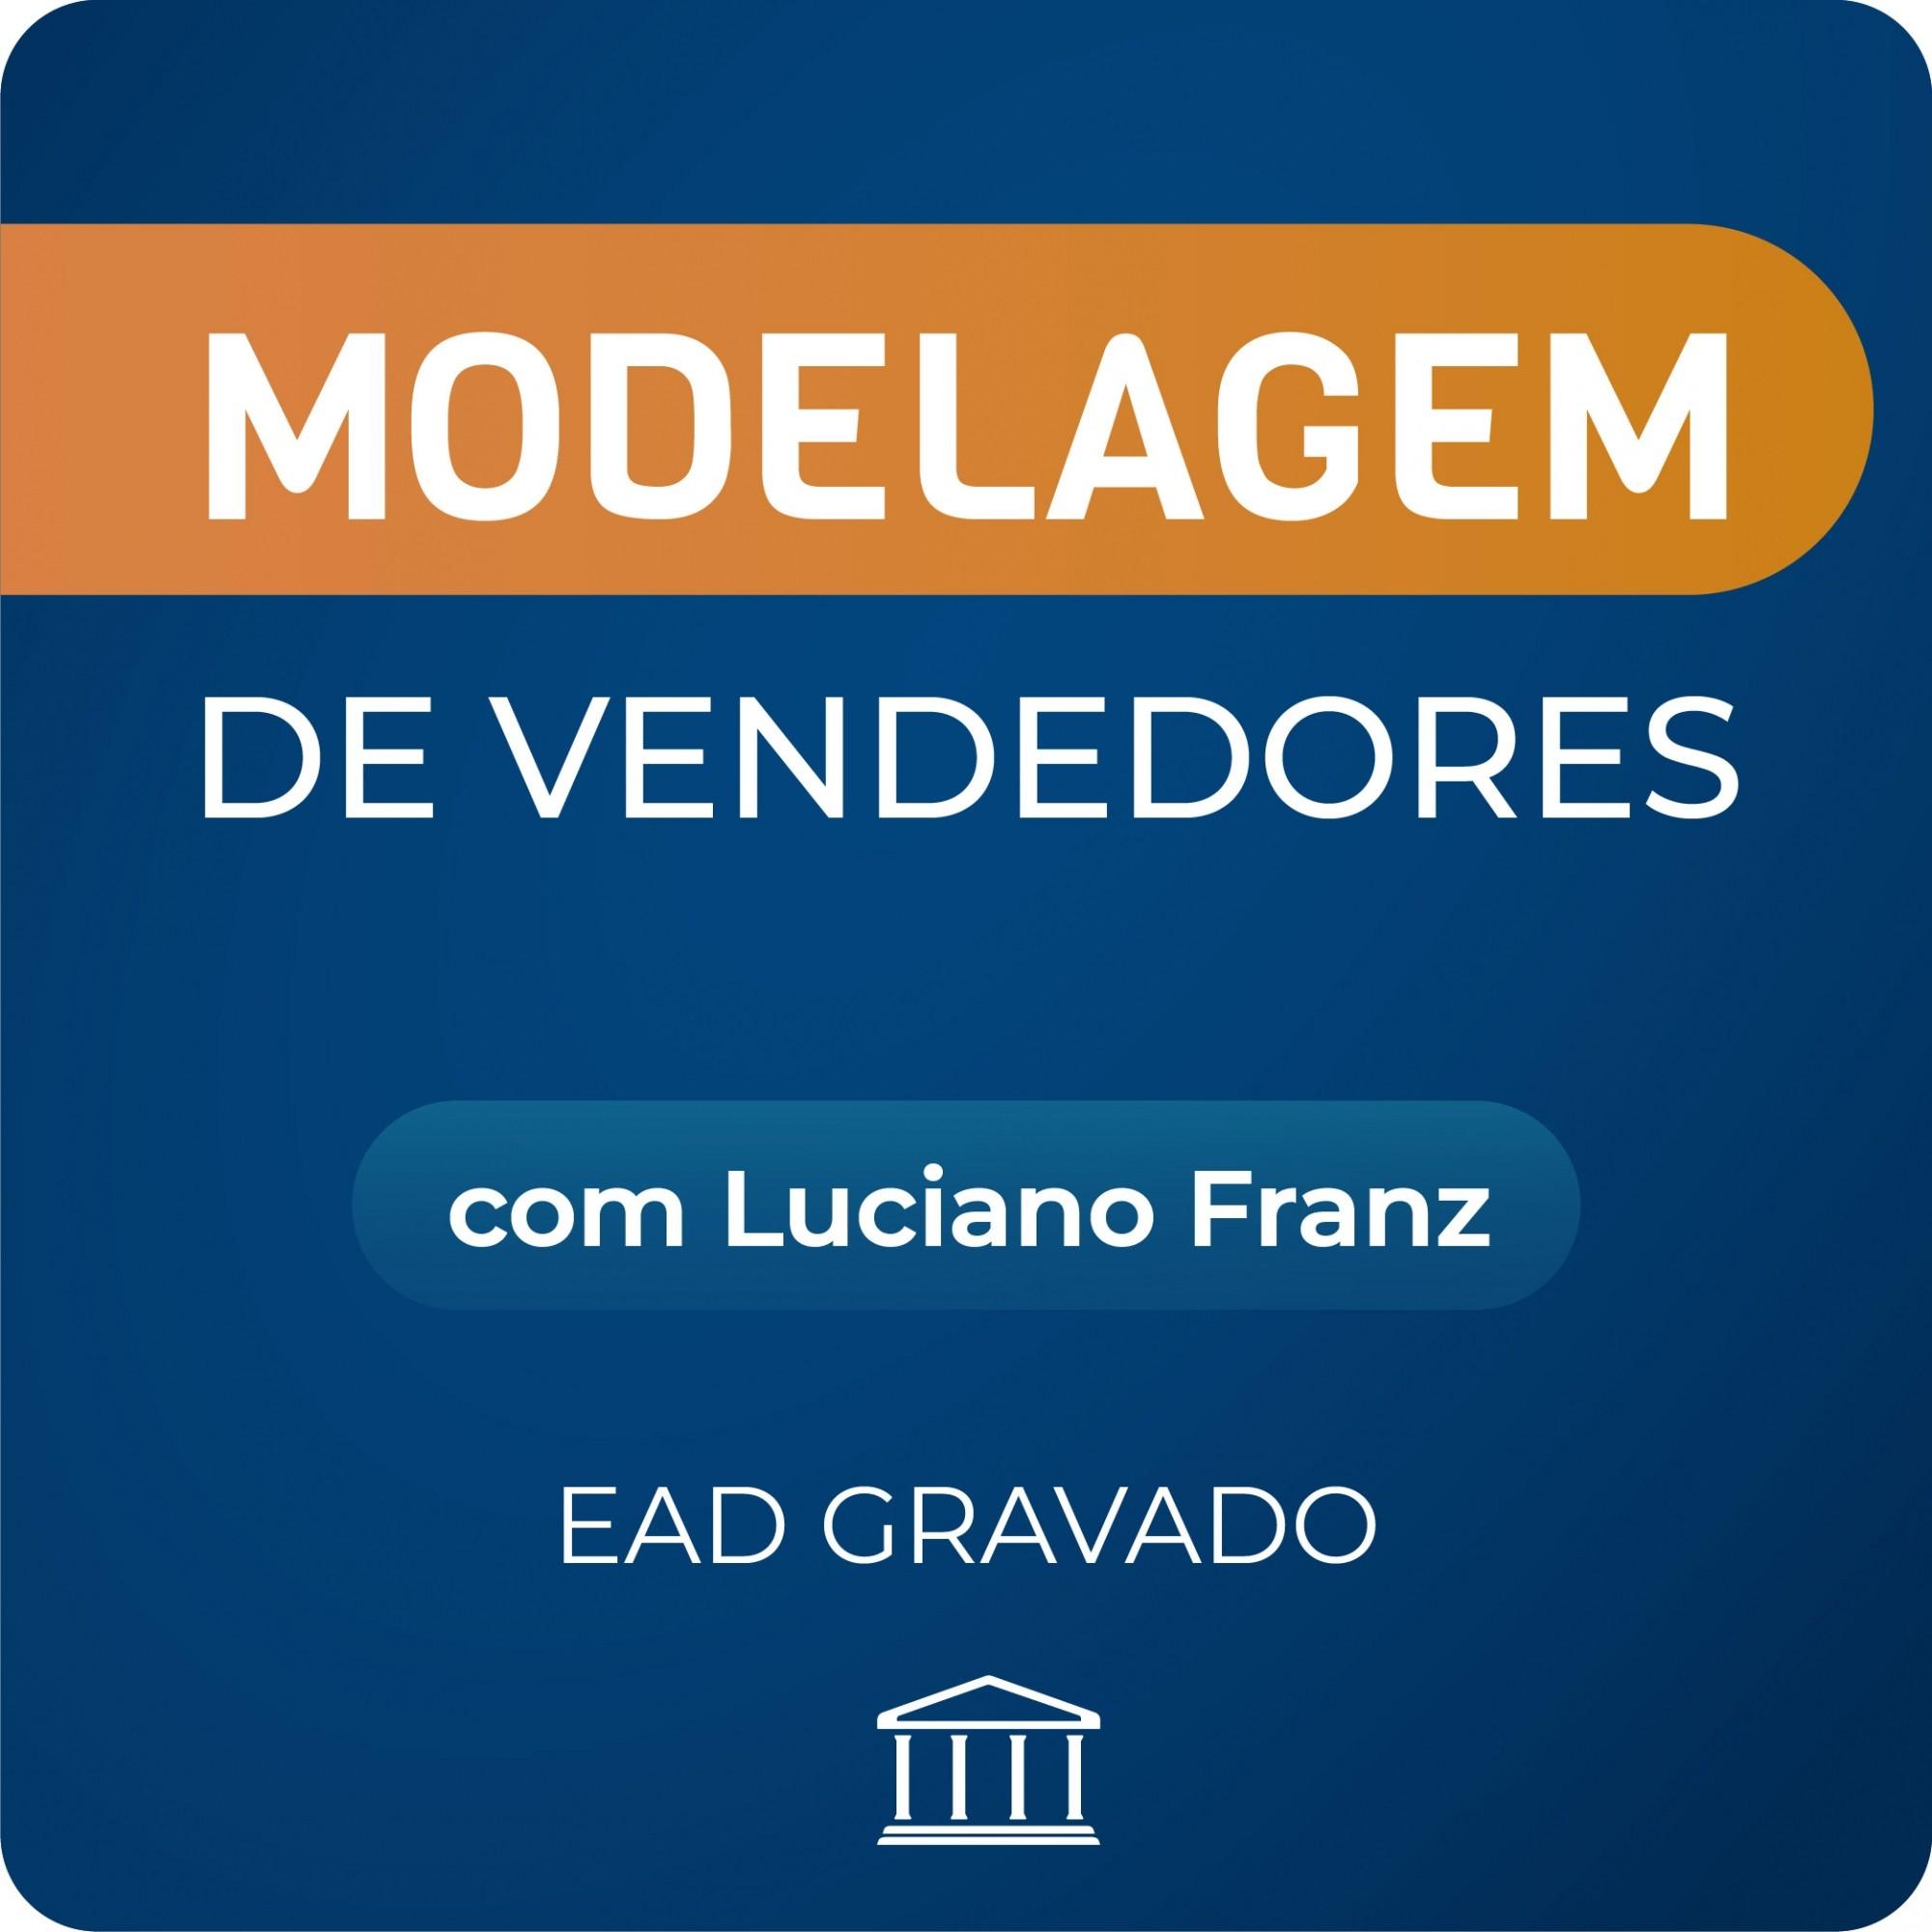 Modelagem de Vendedores com Luciano Franz - GRAVADO  - Voz e Dados